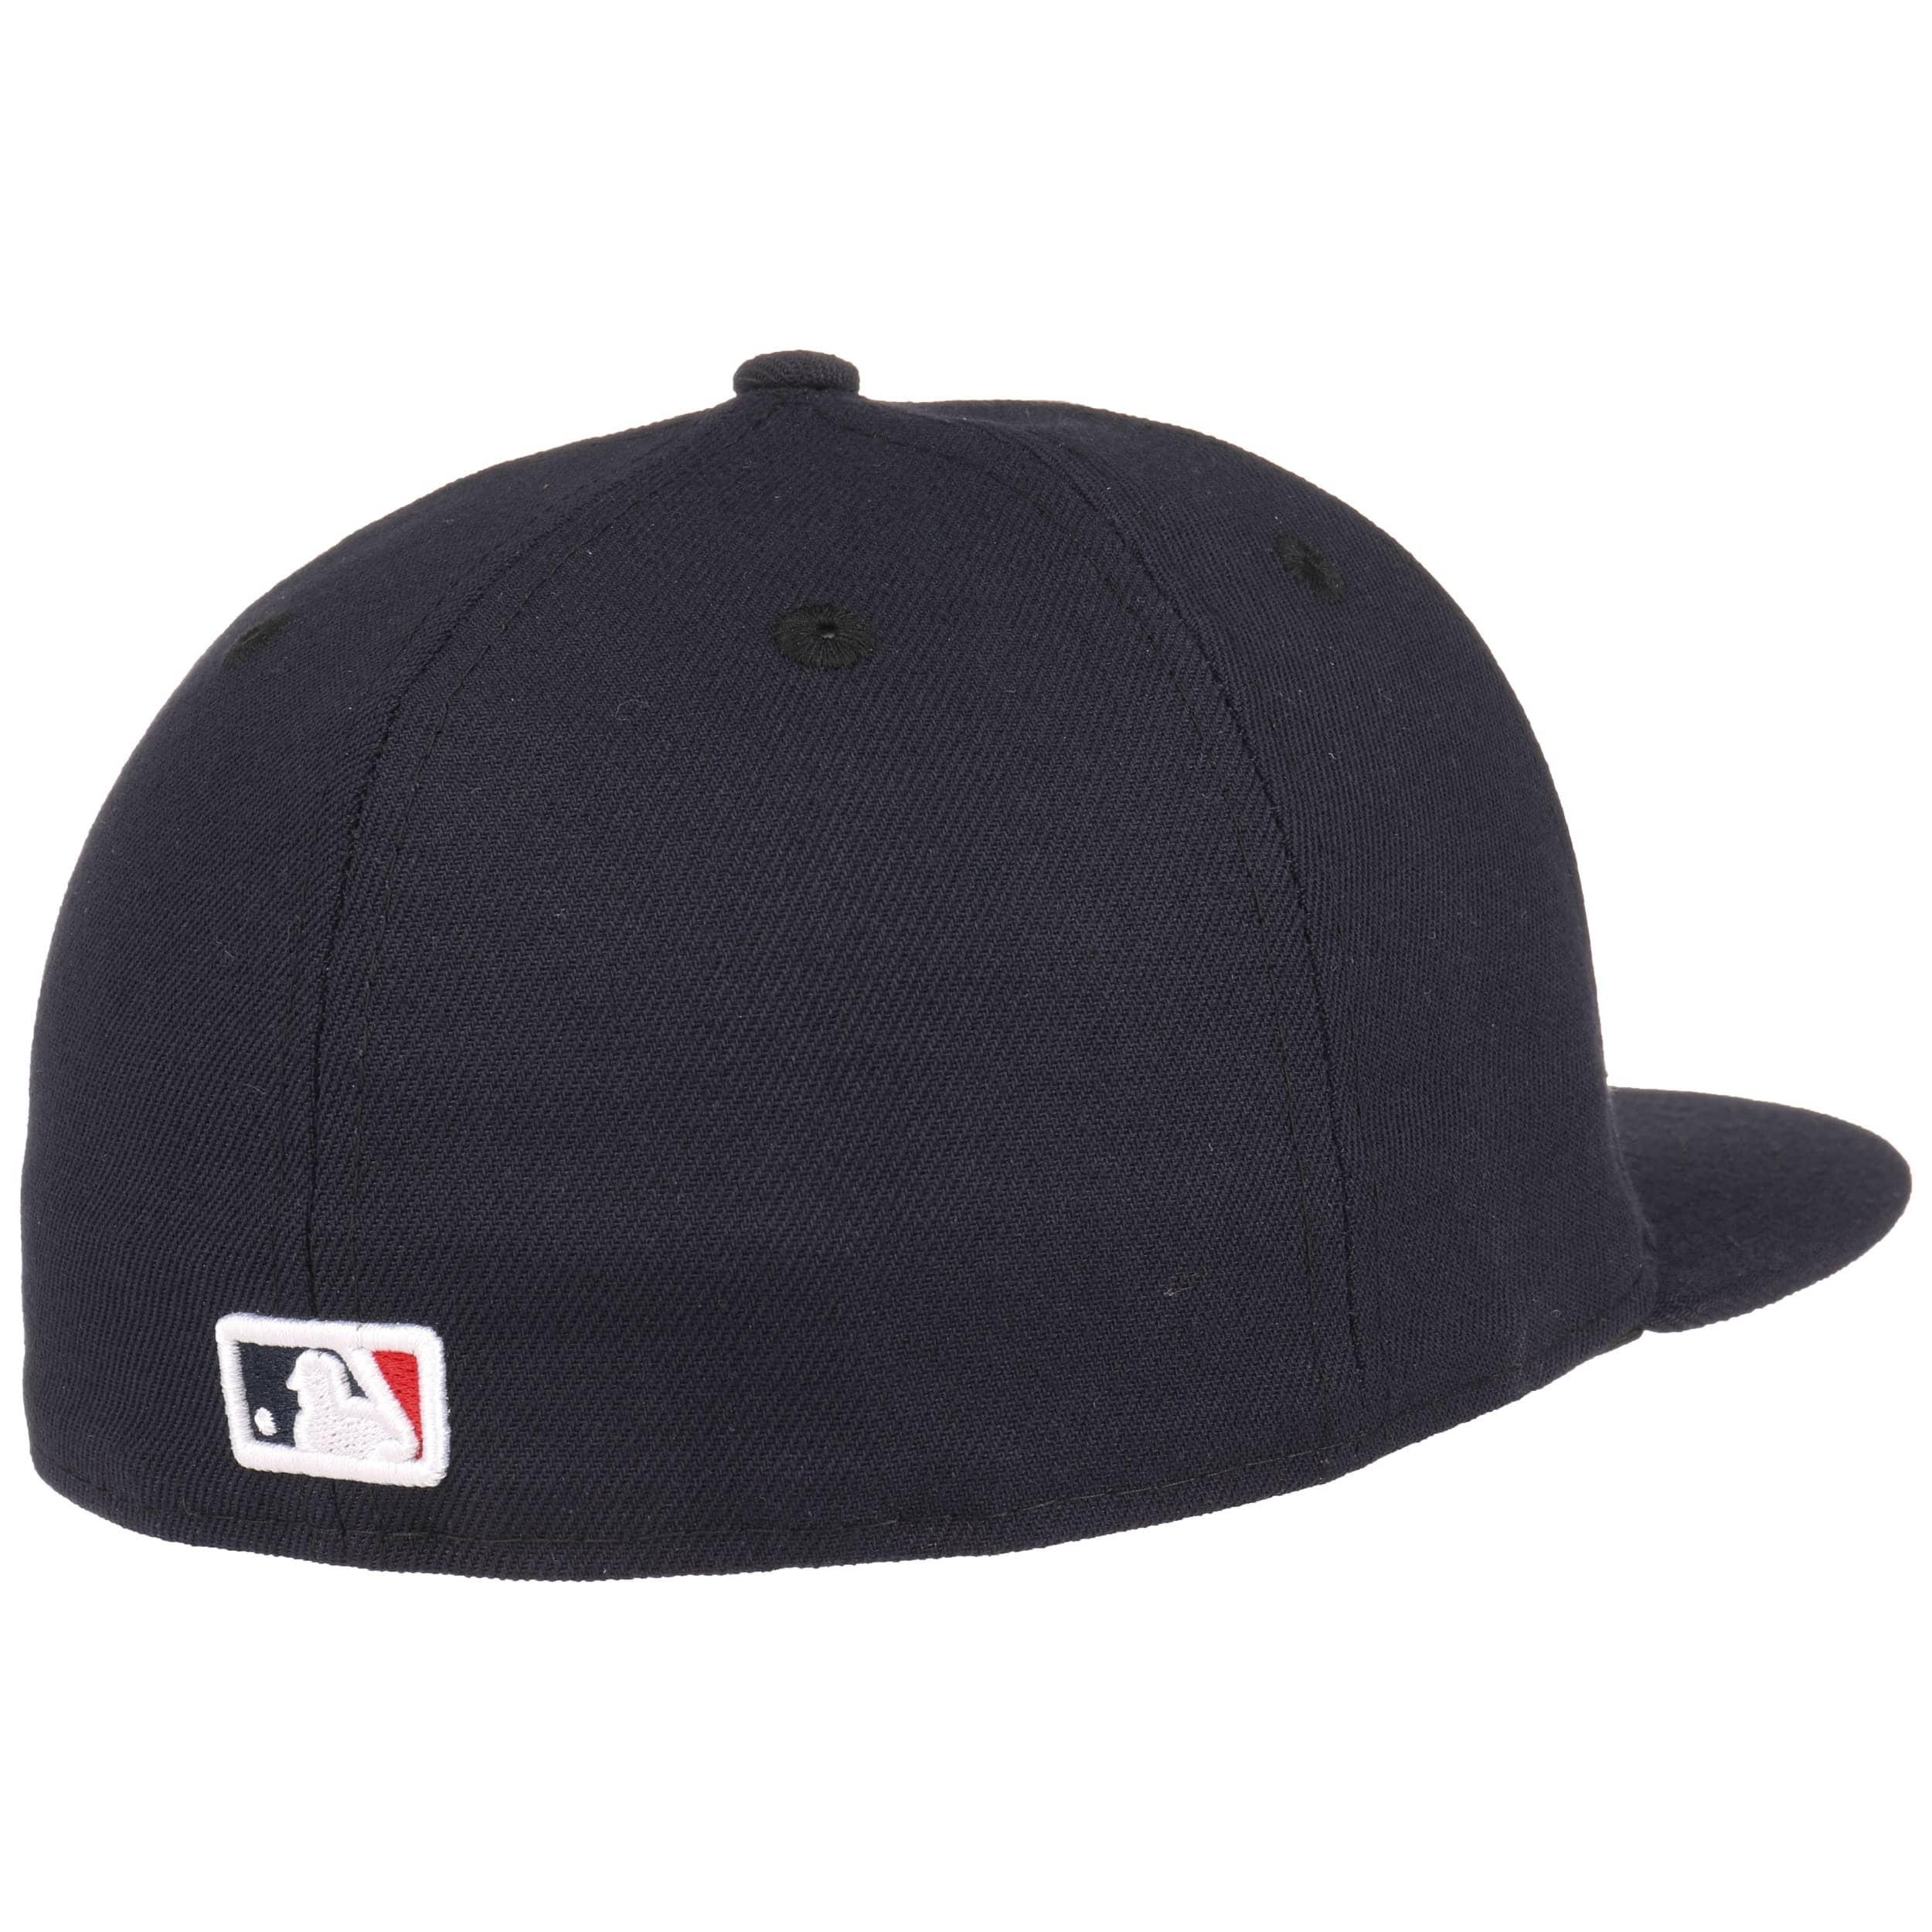 537c2e29cc0 ... 59Fifty TSF Boston Red Sox Cap by New Era - navy 3 ...